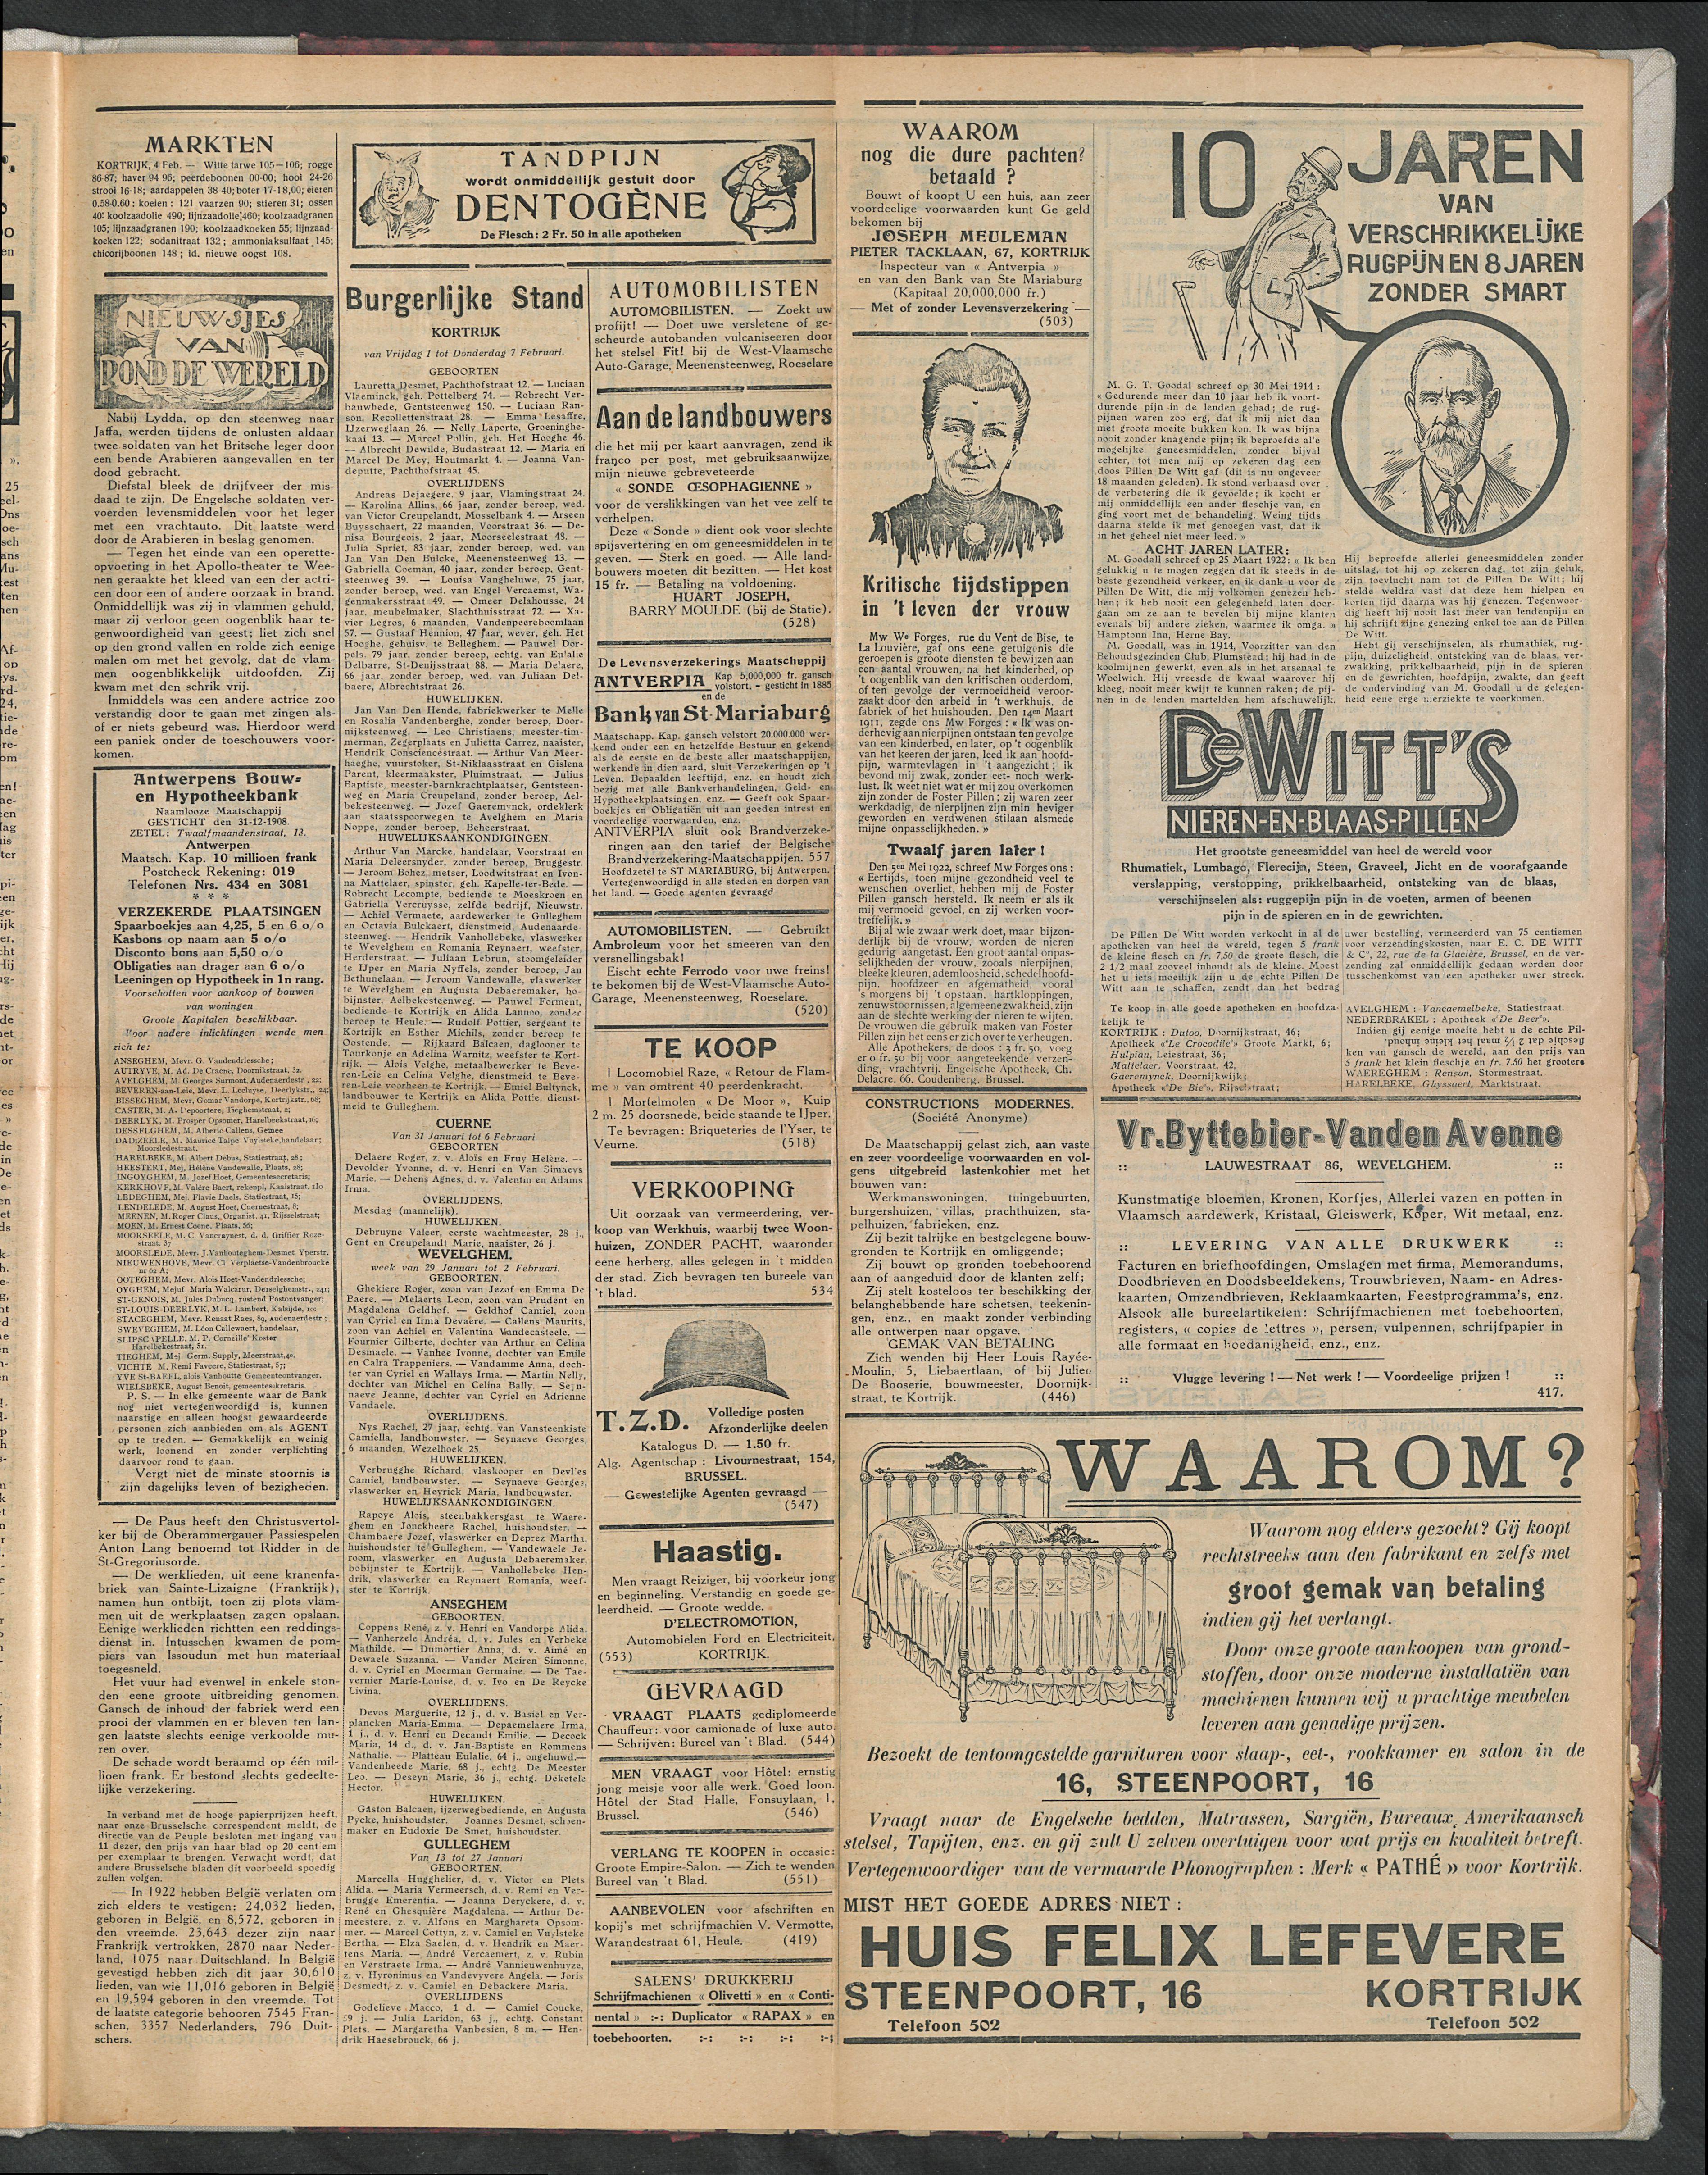 Het Kortrijksche Volk 1924-02-10 p3